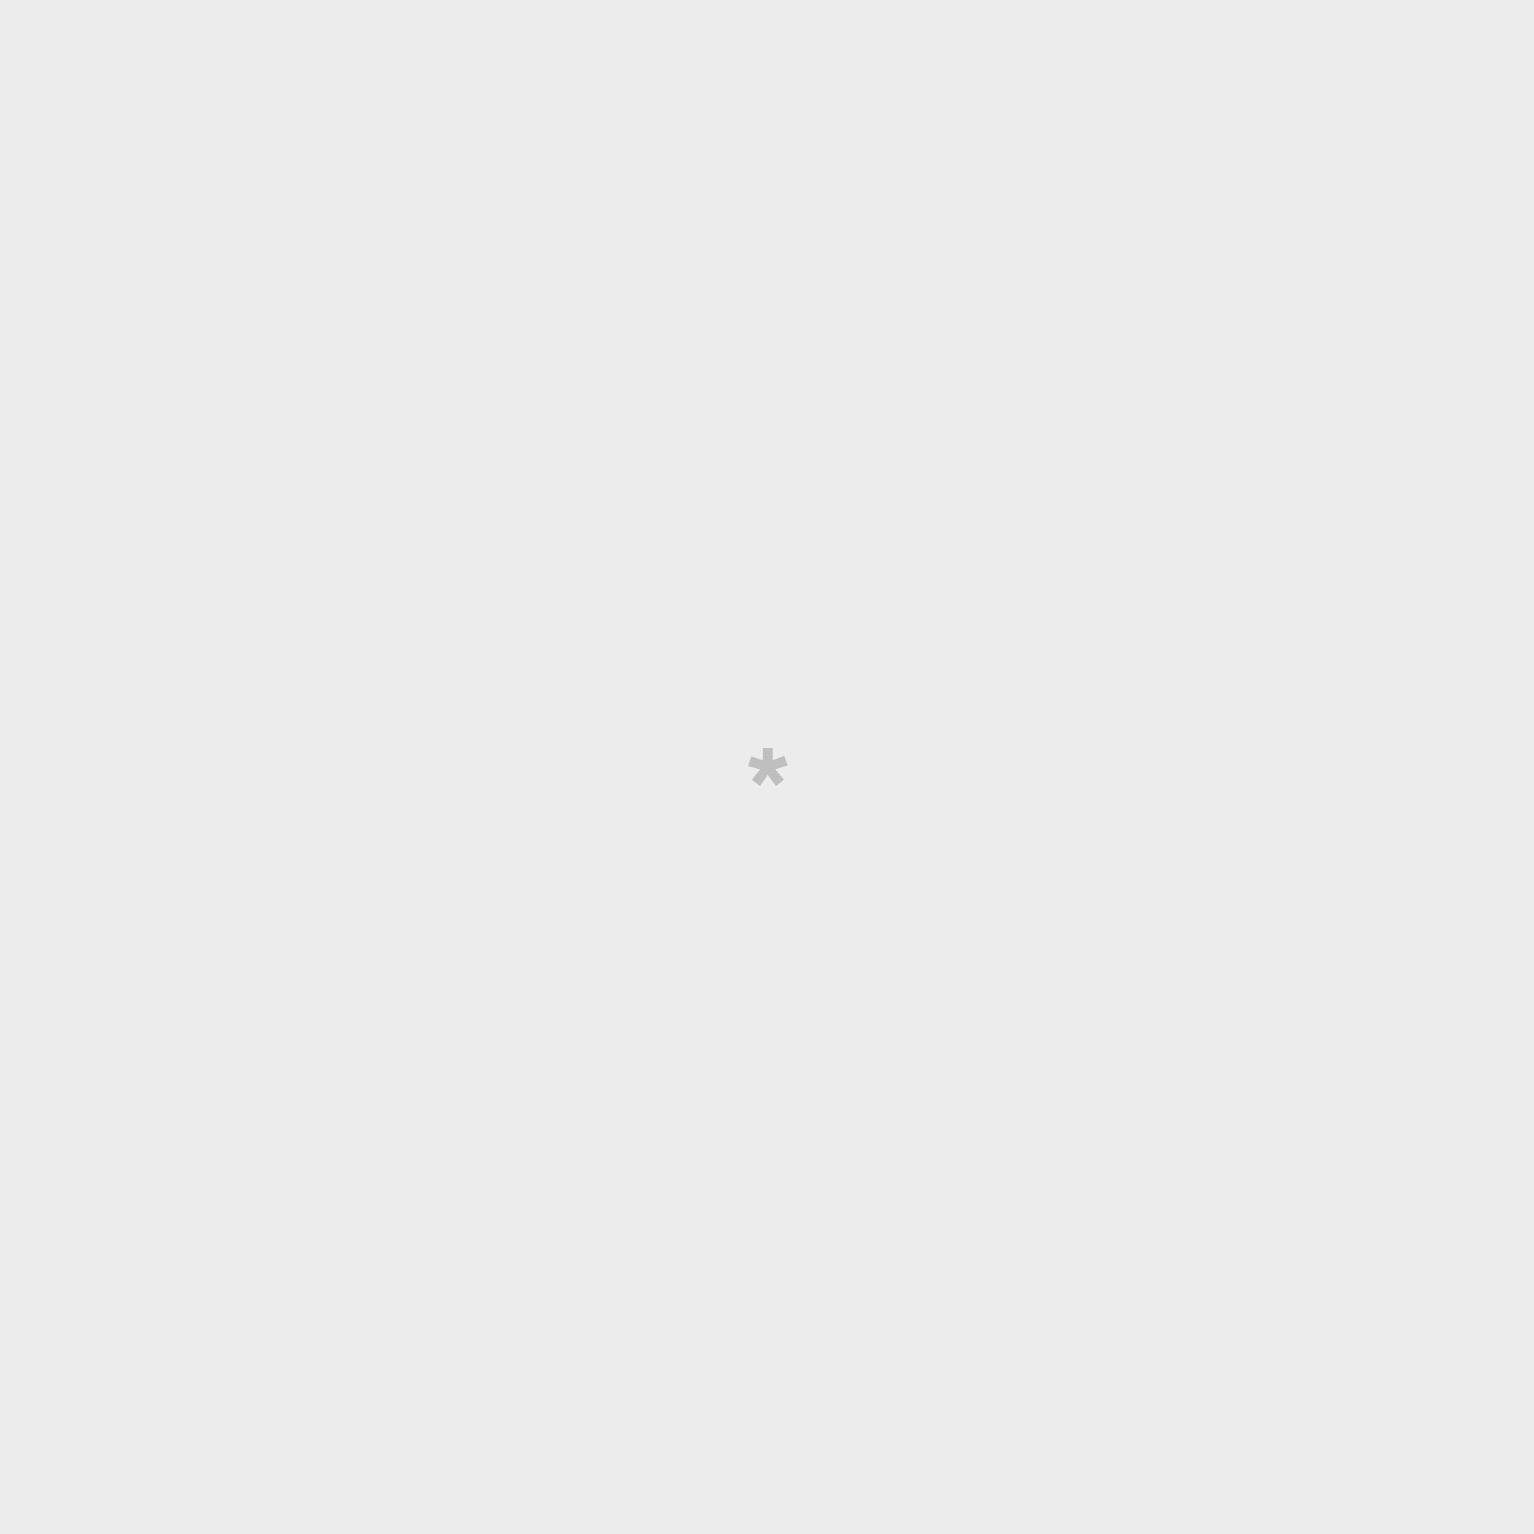 Planner settimanale stretto